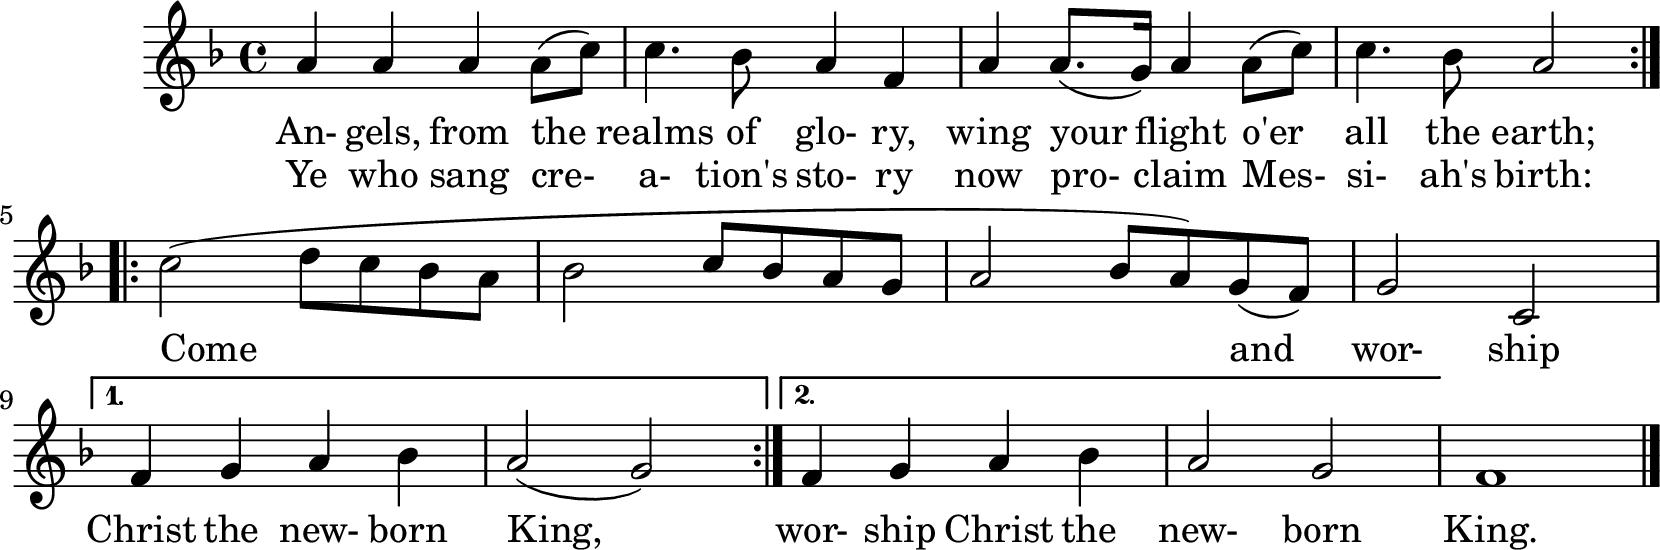 Notenblatt Music Sheet Engel lassen laut erschallen